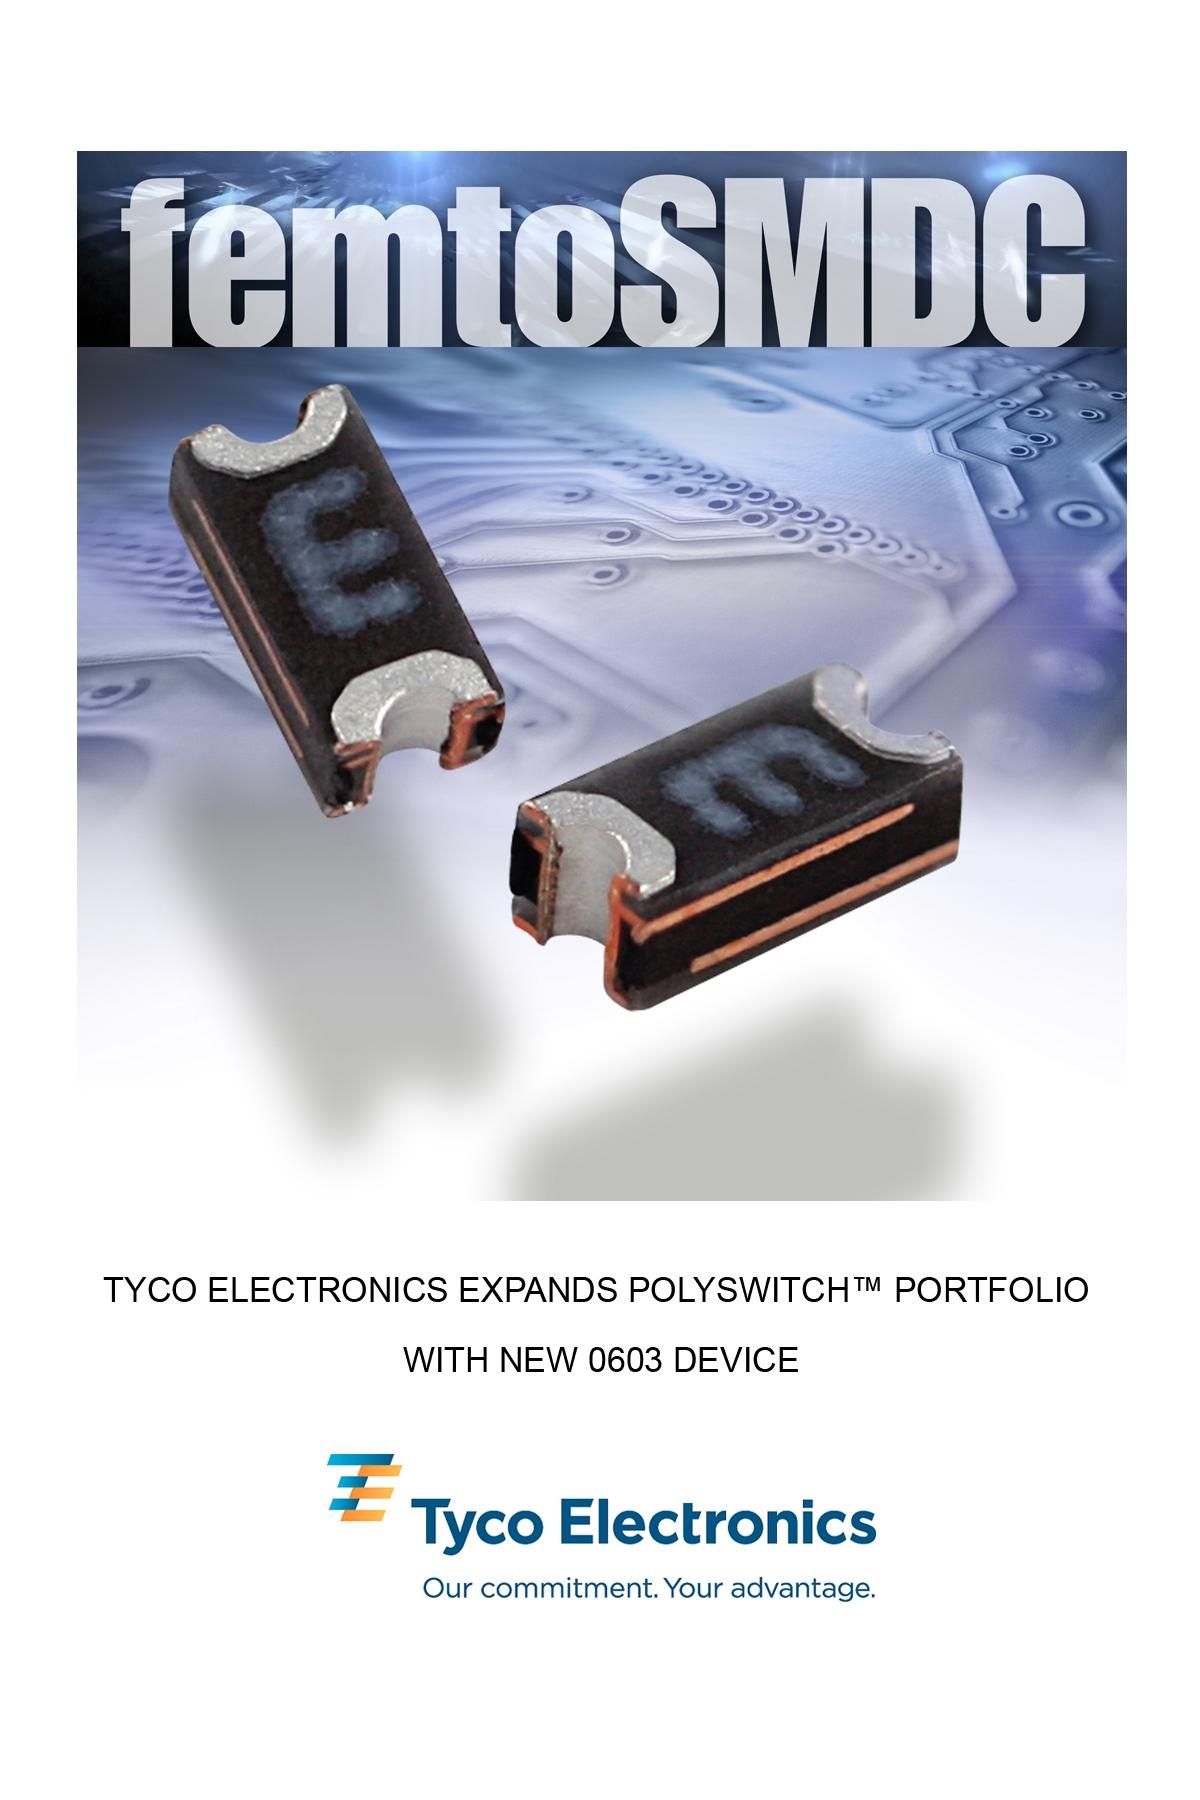 泰科推出新型0603器件 扩展pOLYSWITCH产品系列